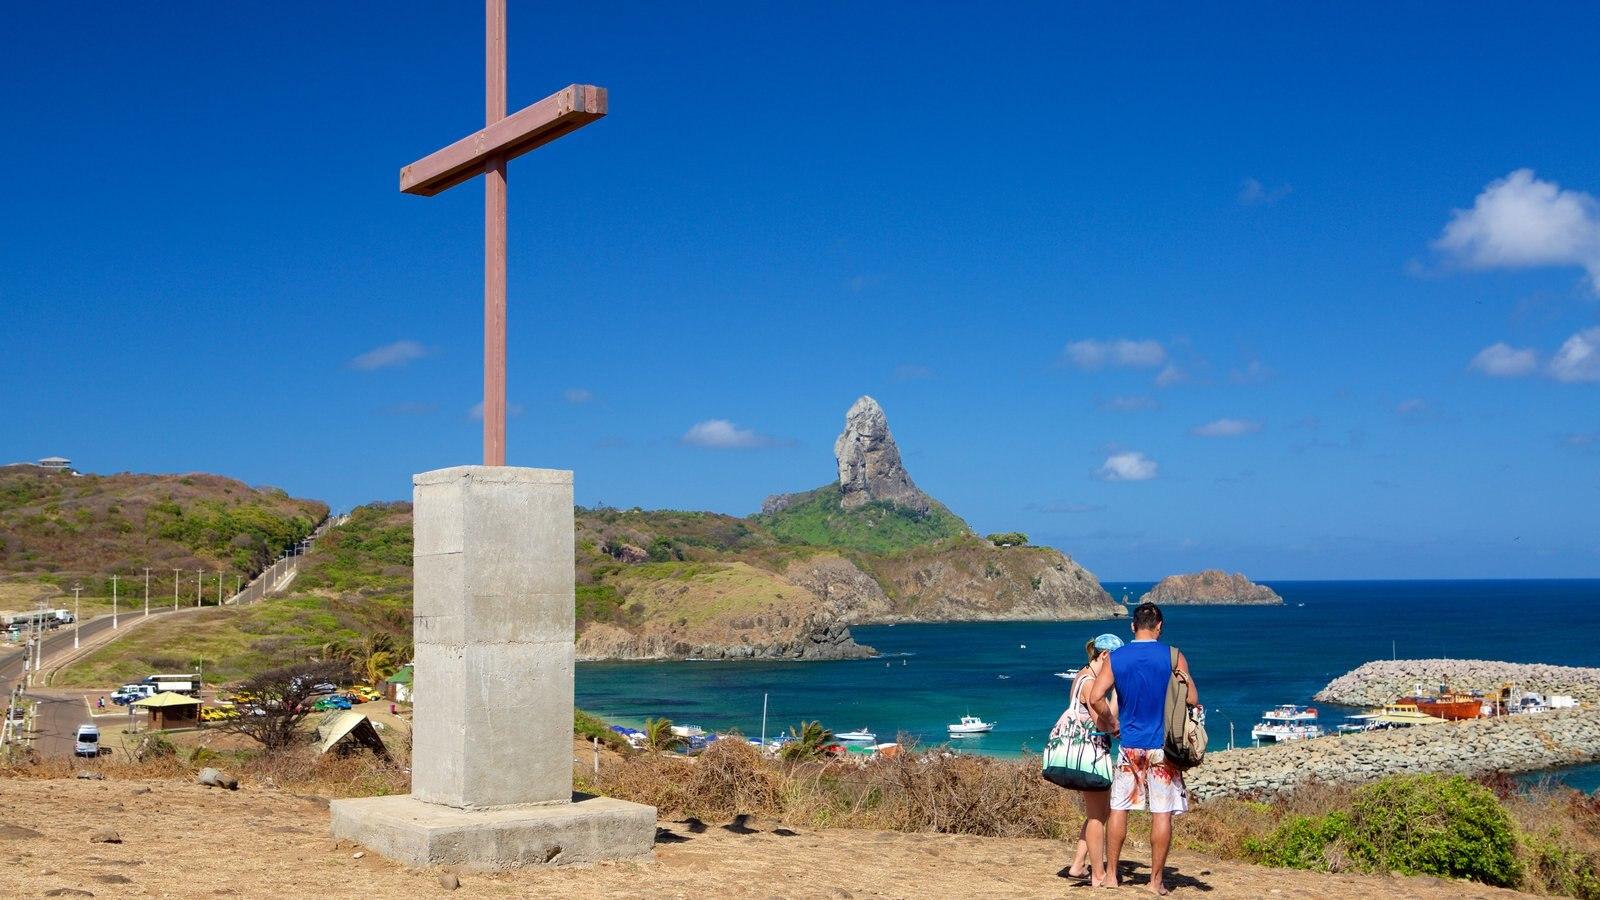 Capela de São Pedro que inclui aspectos religiosos, montanhas e paisagens litorâneas